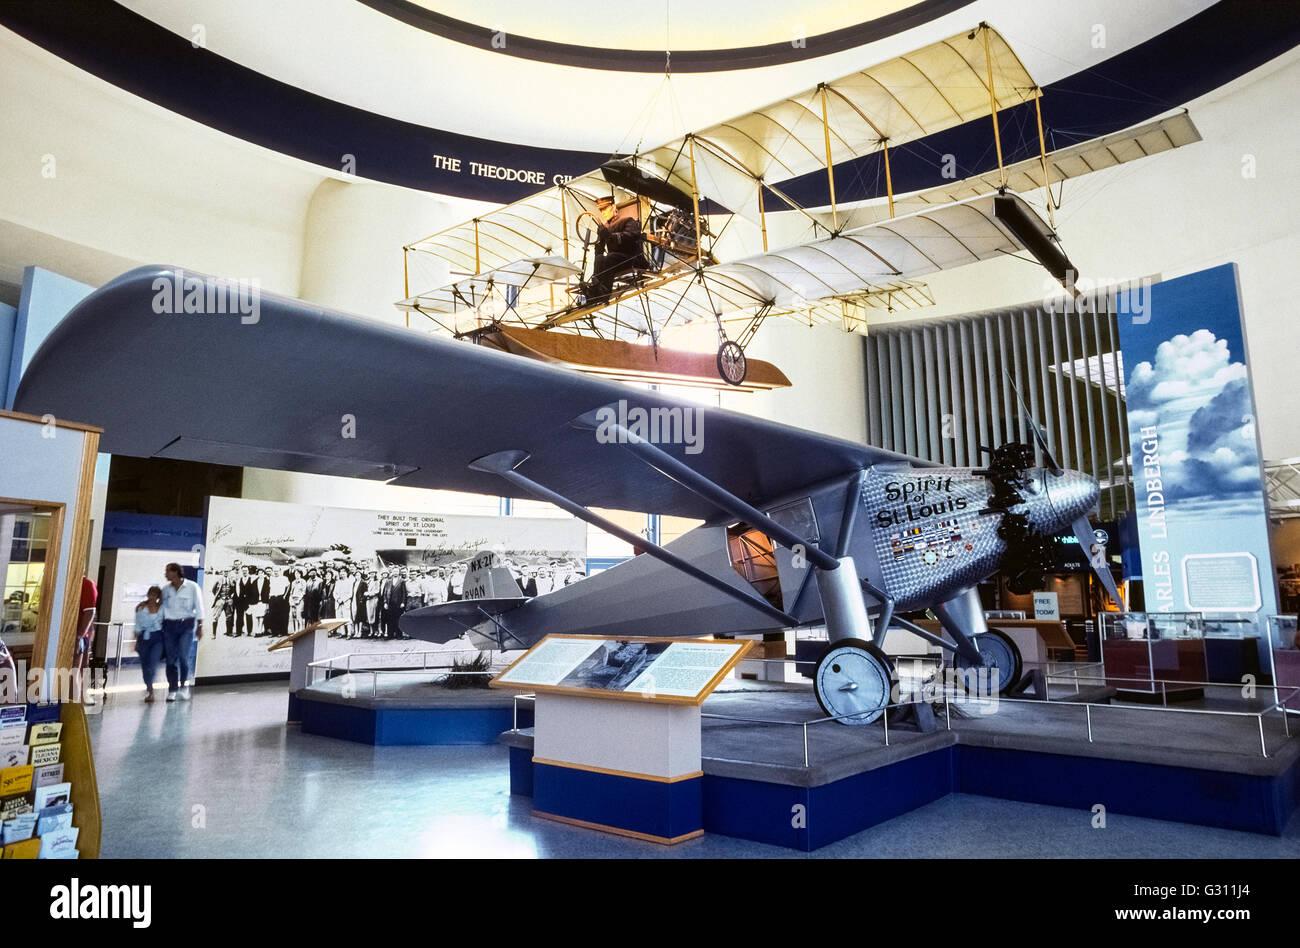 """Una replica del Charles A. Lindbergh's """"Spirito di St. Louis' aereo che fu il primo a volare nonstop da New York a Parigi nel 1927 è una delle principali attrazioni di San Diego Air & Space Museum di San Diego, California, Stati Uniti d'America. Con il supporto finanziario del Missouri City dopo che esso è stato chiamato, il monoplan è stato progettato, costruito e testato in San Diego prima di effettuare il suo volo storico che ha preso 33-1/2 ore e ha vinto Lindbergh 25.000 dollari in premi in denaro. Visualizzata sopra il """"Spirito di St. Louis """" è un inizio di aliante aeromobile. Foto Stock"""